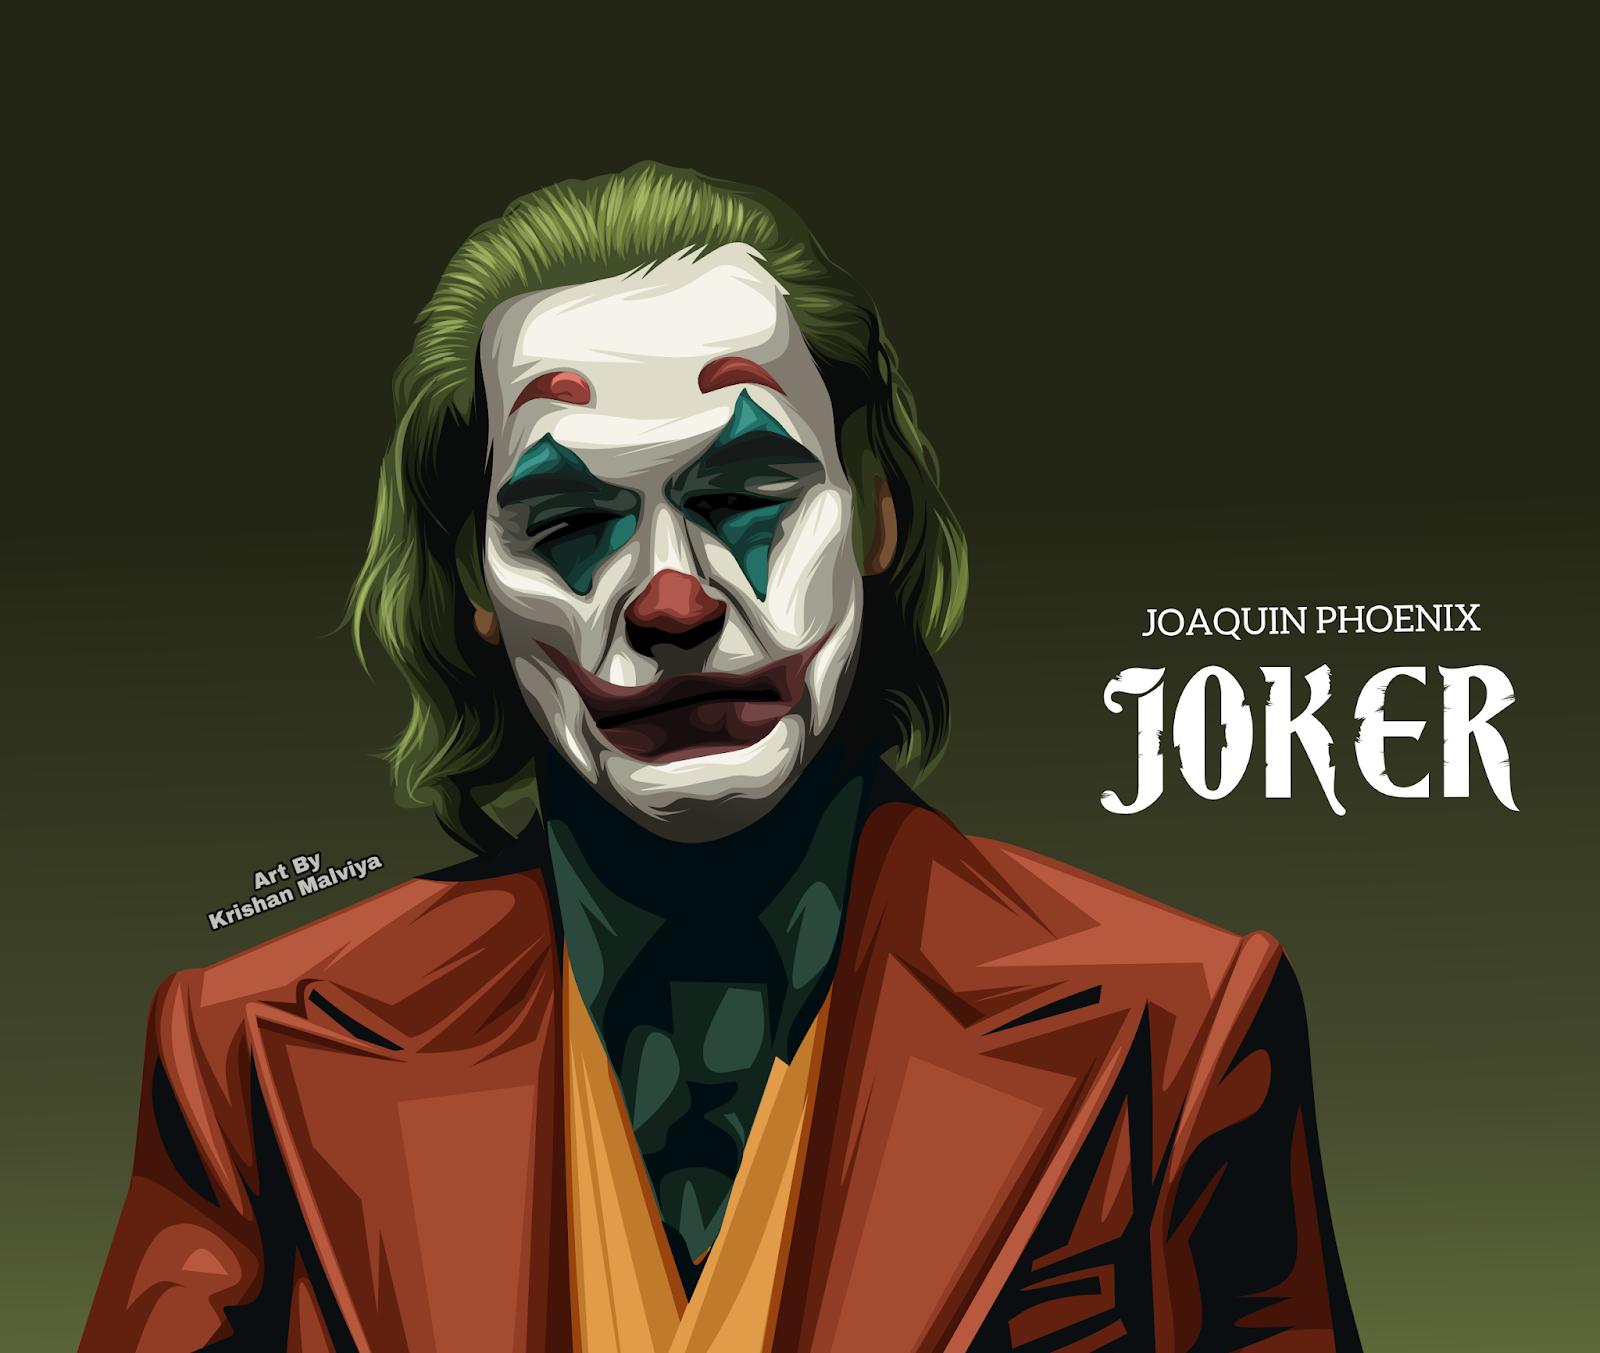 Joker Wallpaper Joaquin Phoenix Joker Images Hd Download